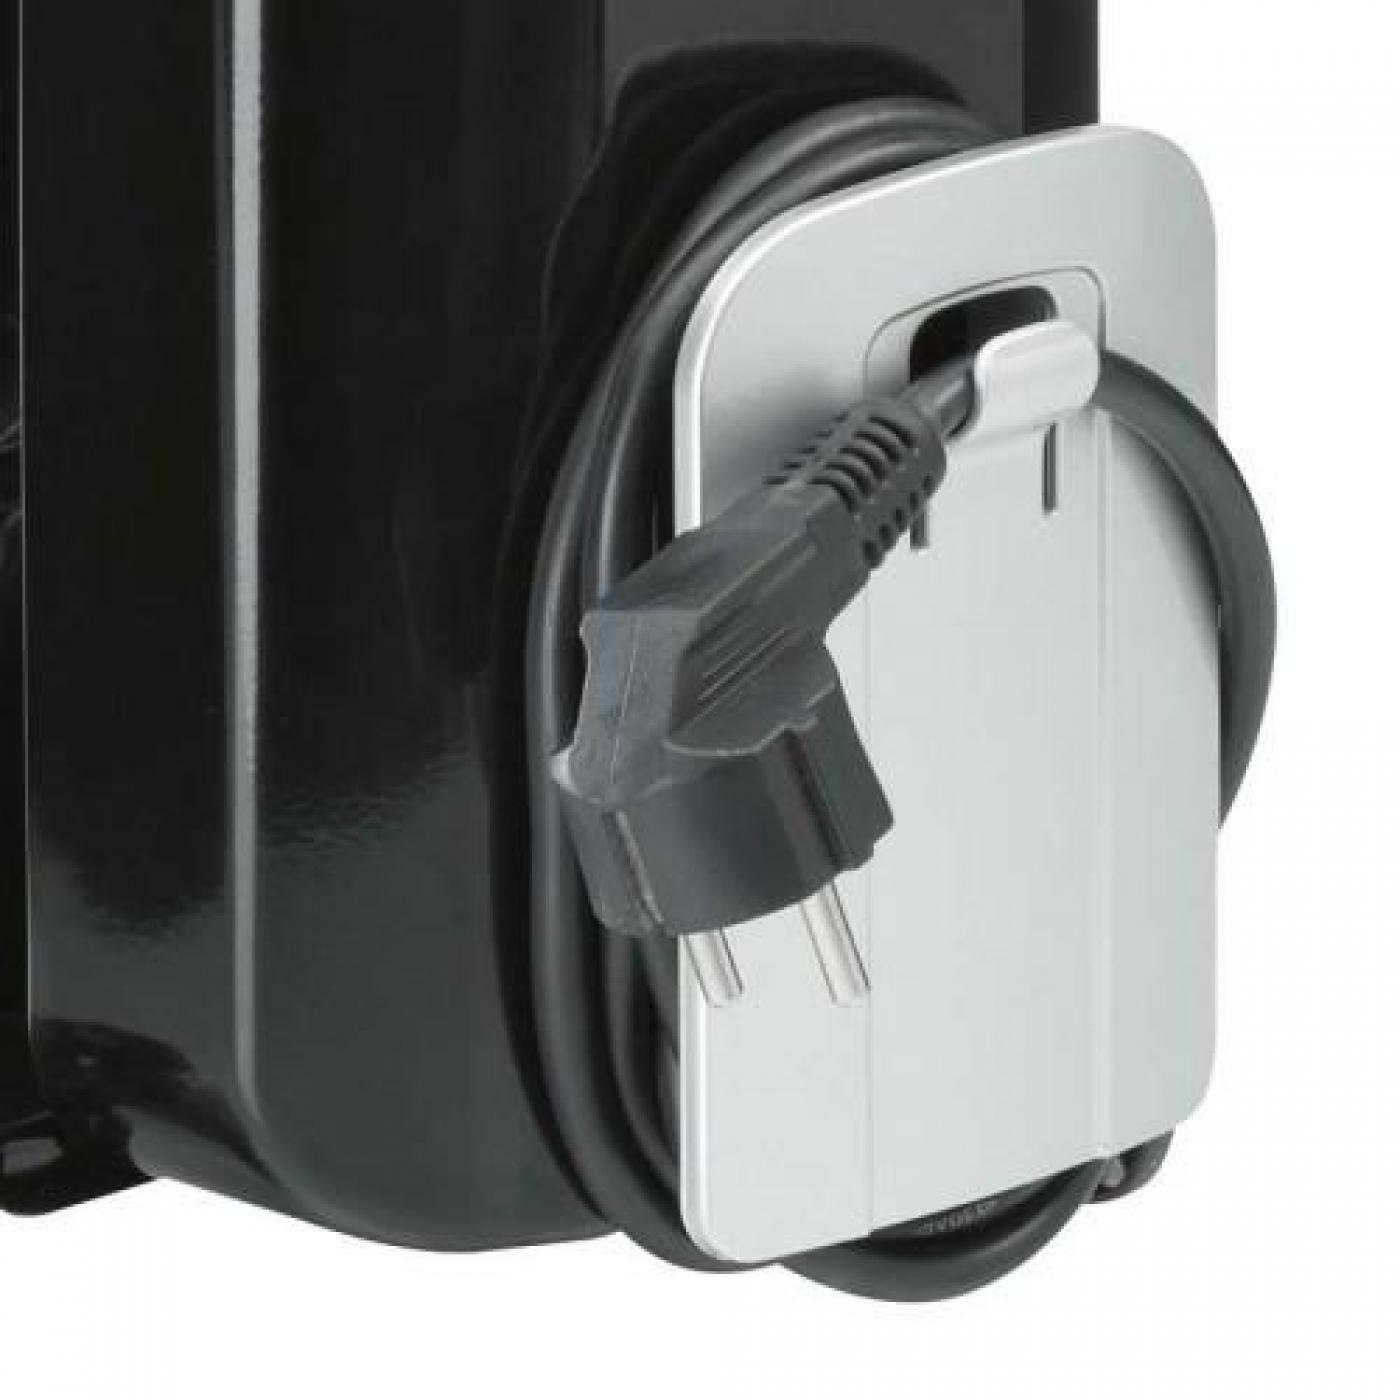 Einhell th vc 1318 aspirador con filtro integrado radiador - Aspiradores de ceniza ...